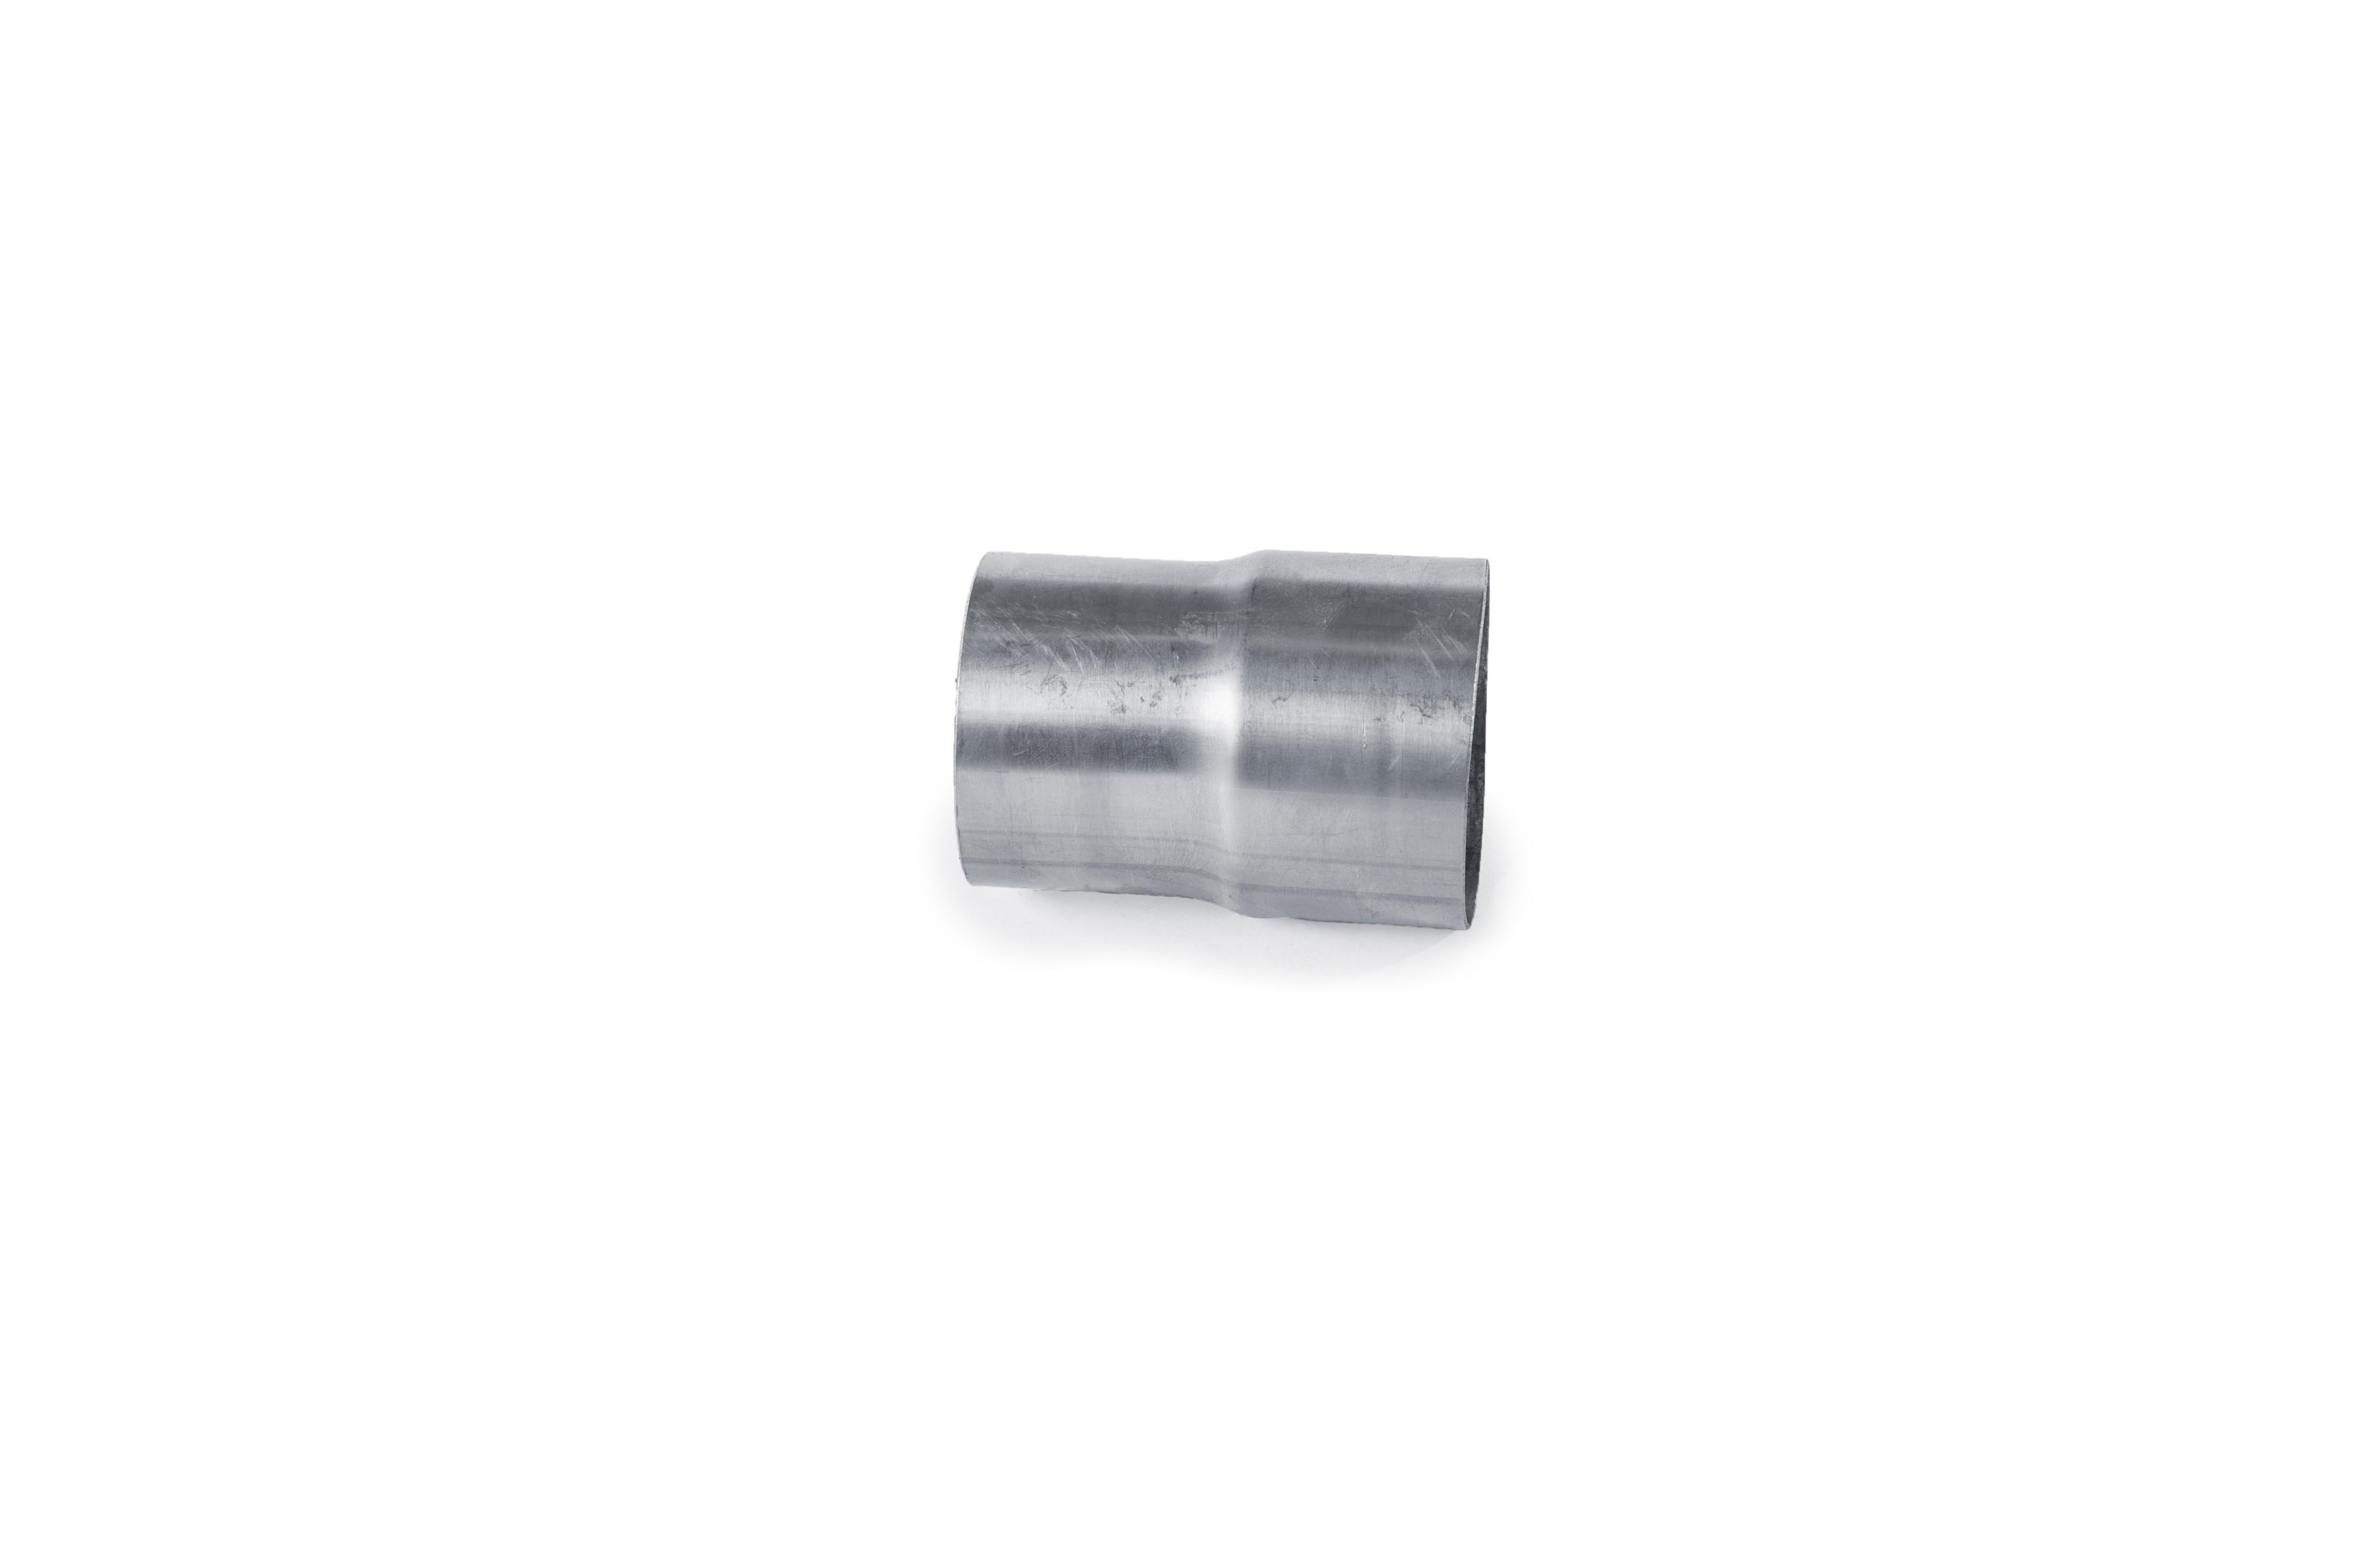 Edelstahl 64mm auf 56mm Adapter Auspuffanlage Auspuff Rohr Reduzierstück